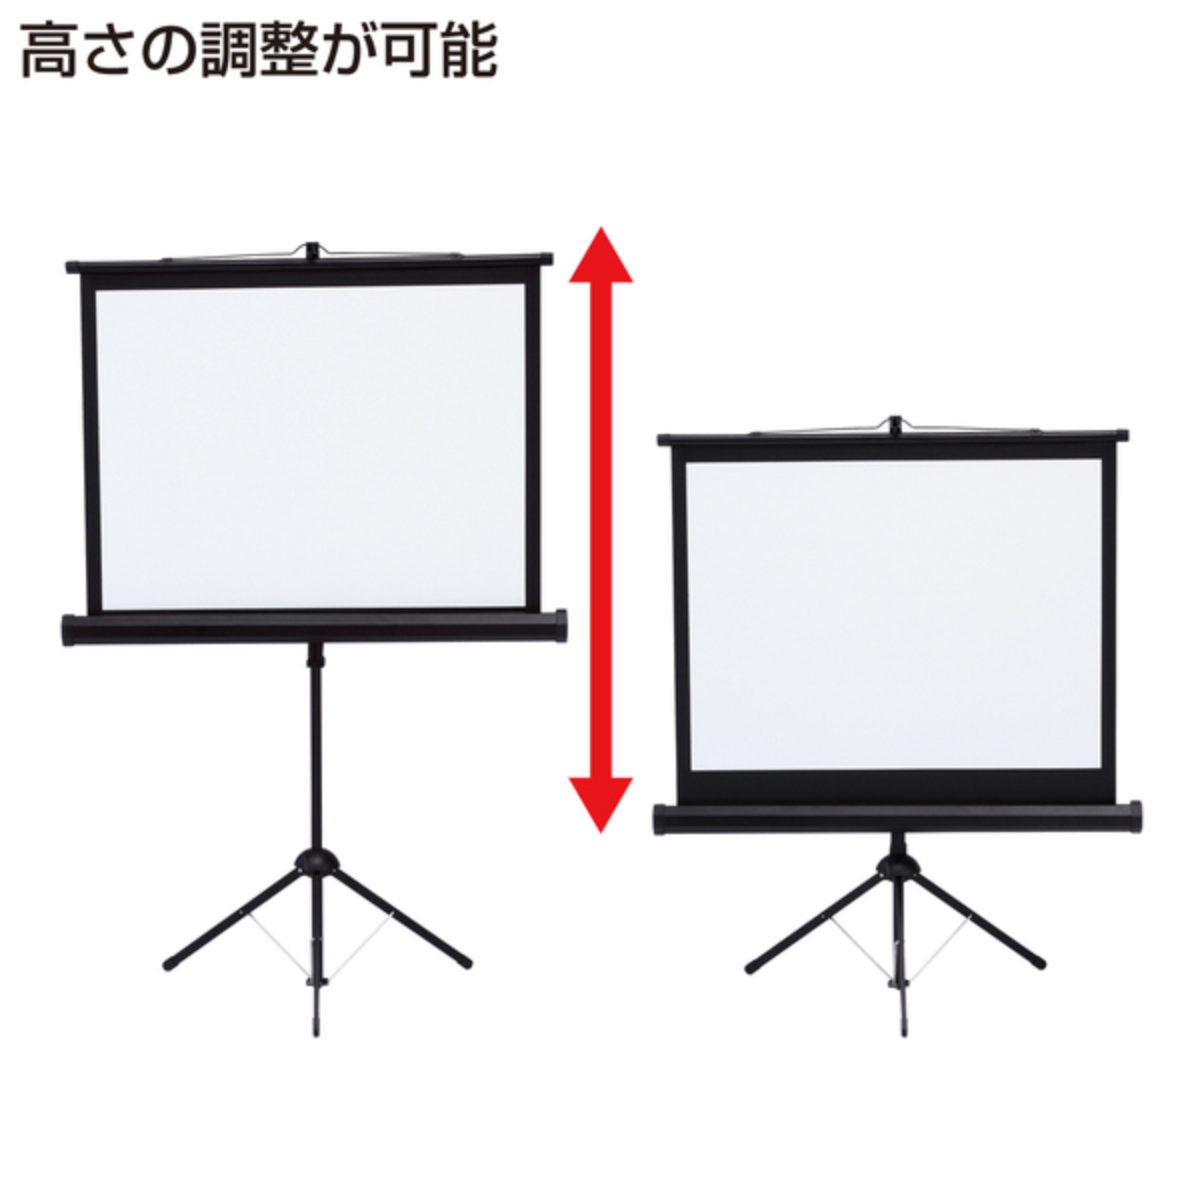 [PRS-S40] 【代引き不可】プロジェクタースクリーン(40型相当、三脚式)